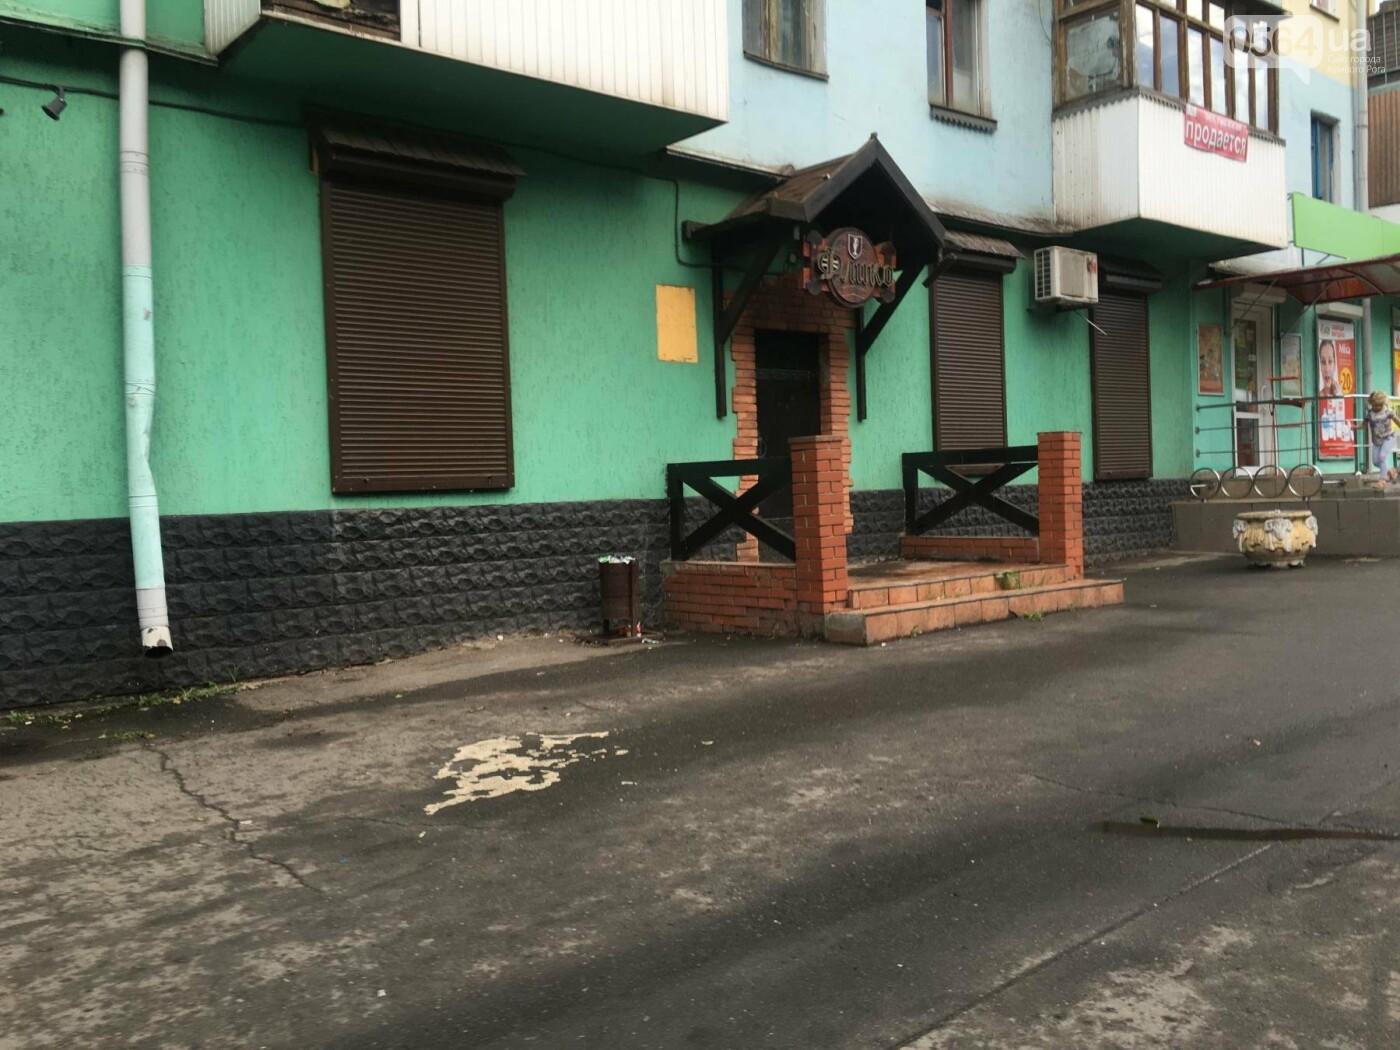 """""""Ждут штраф?"""": В Кривом Роге бизнесмены не спешат устанавливать урны возле своих магазинов, - ФОТО, фото-14"""